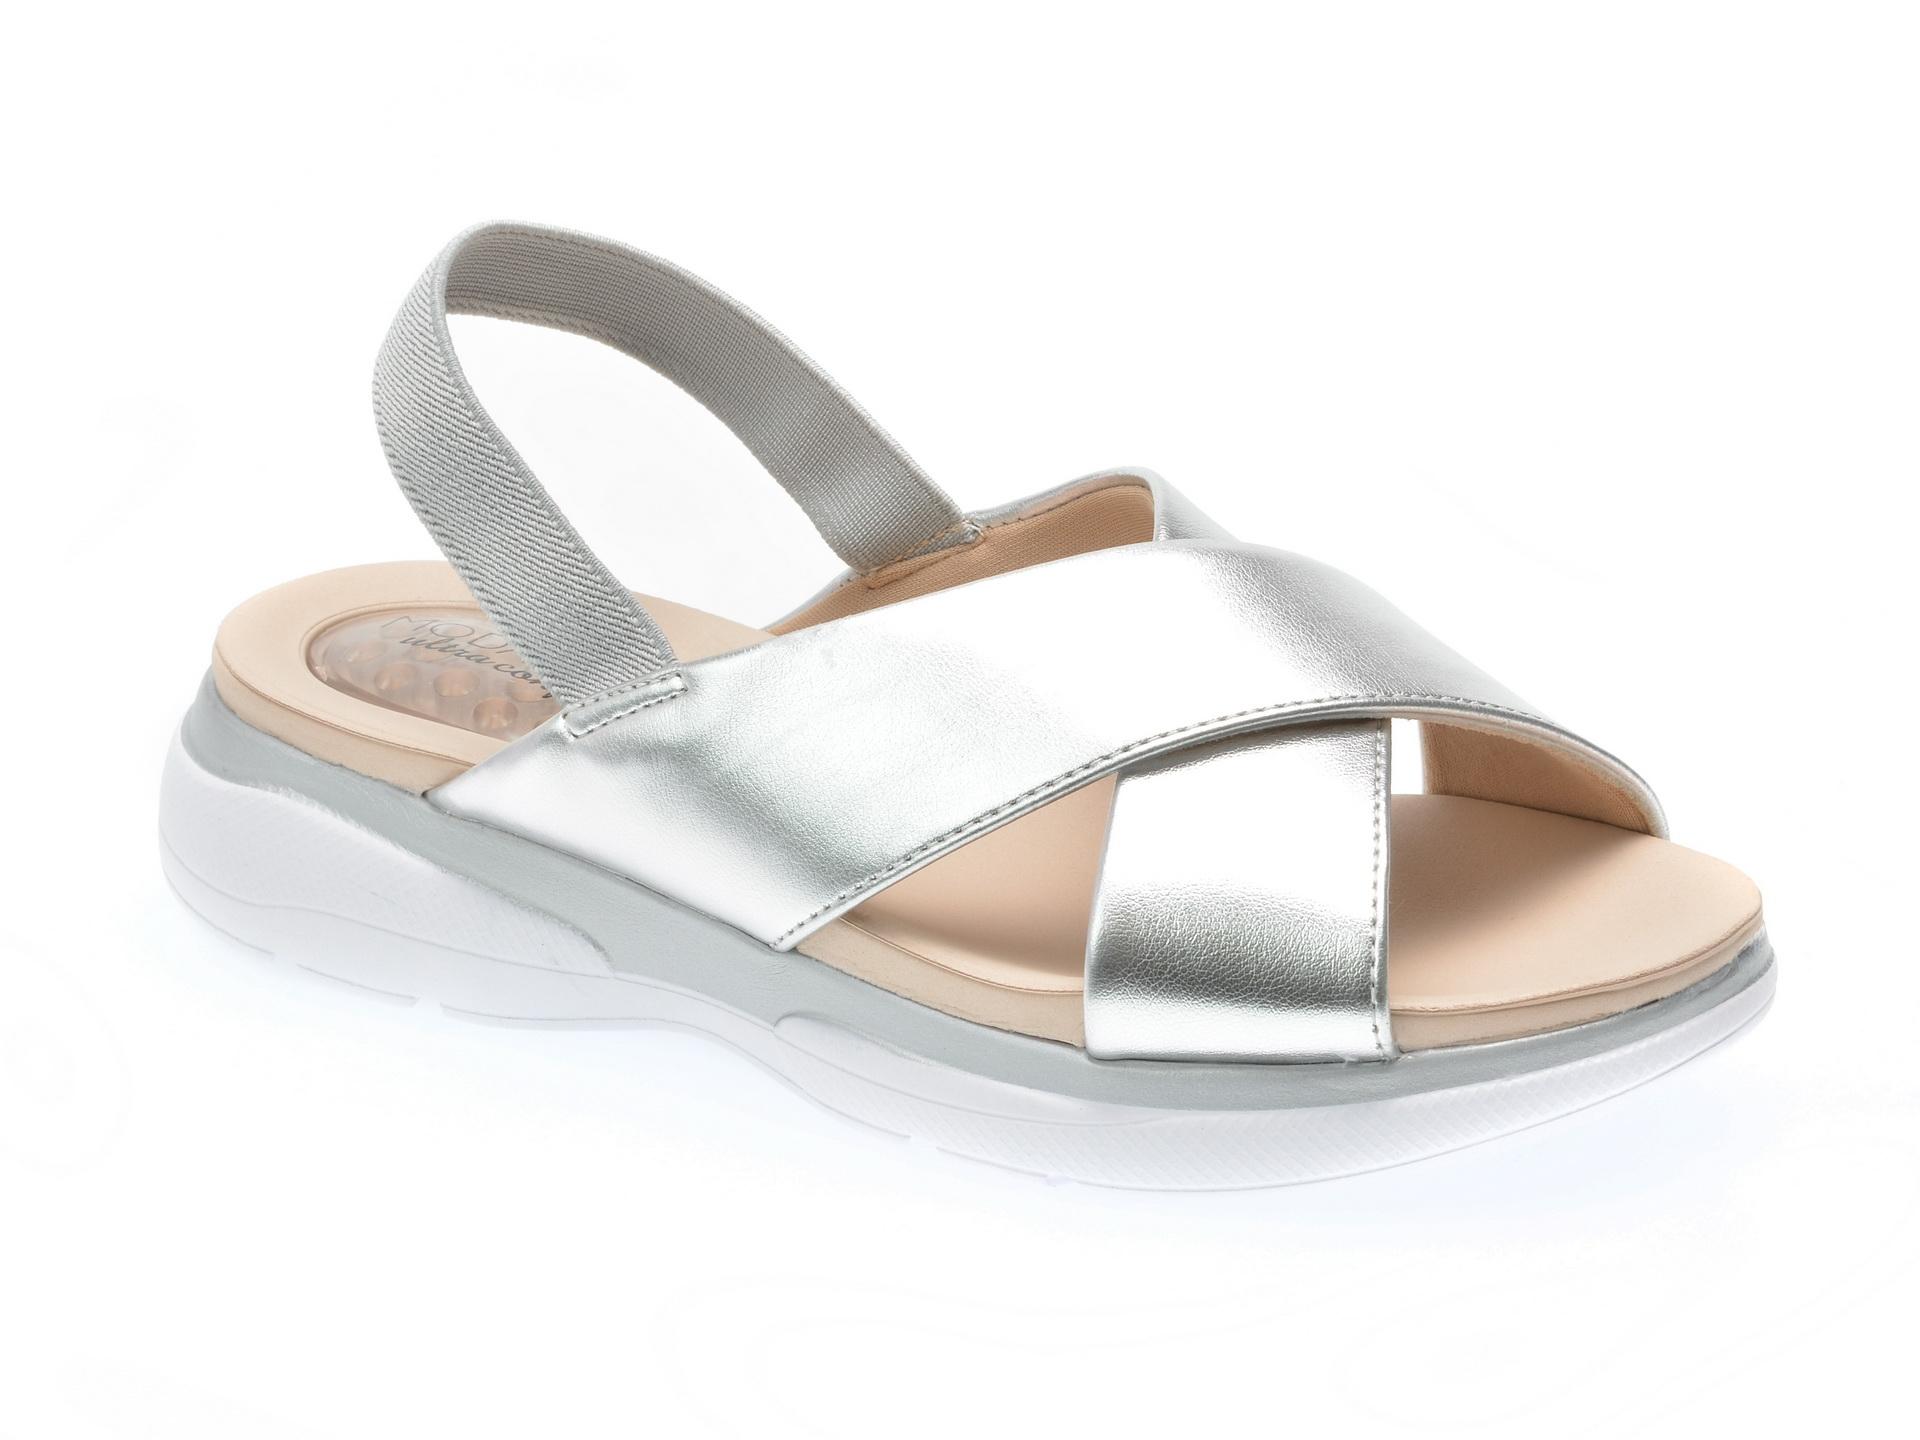 Sandale argintii, 7115106, din piele ecologica